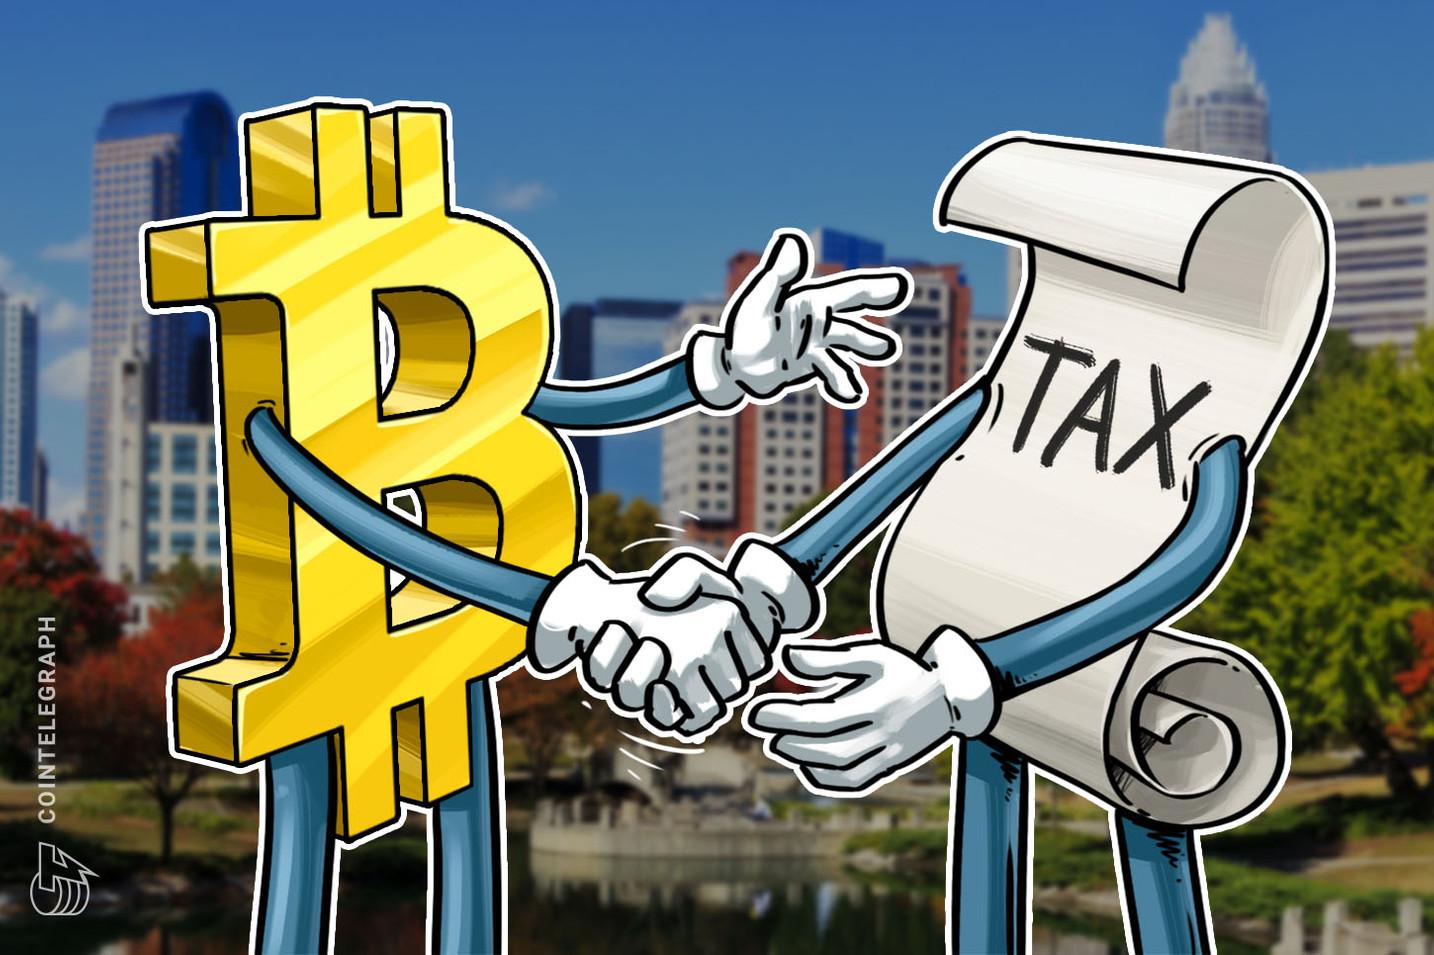 仮想通貨取引の「二重課税」解決を目指す法案 米議会下院で提出